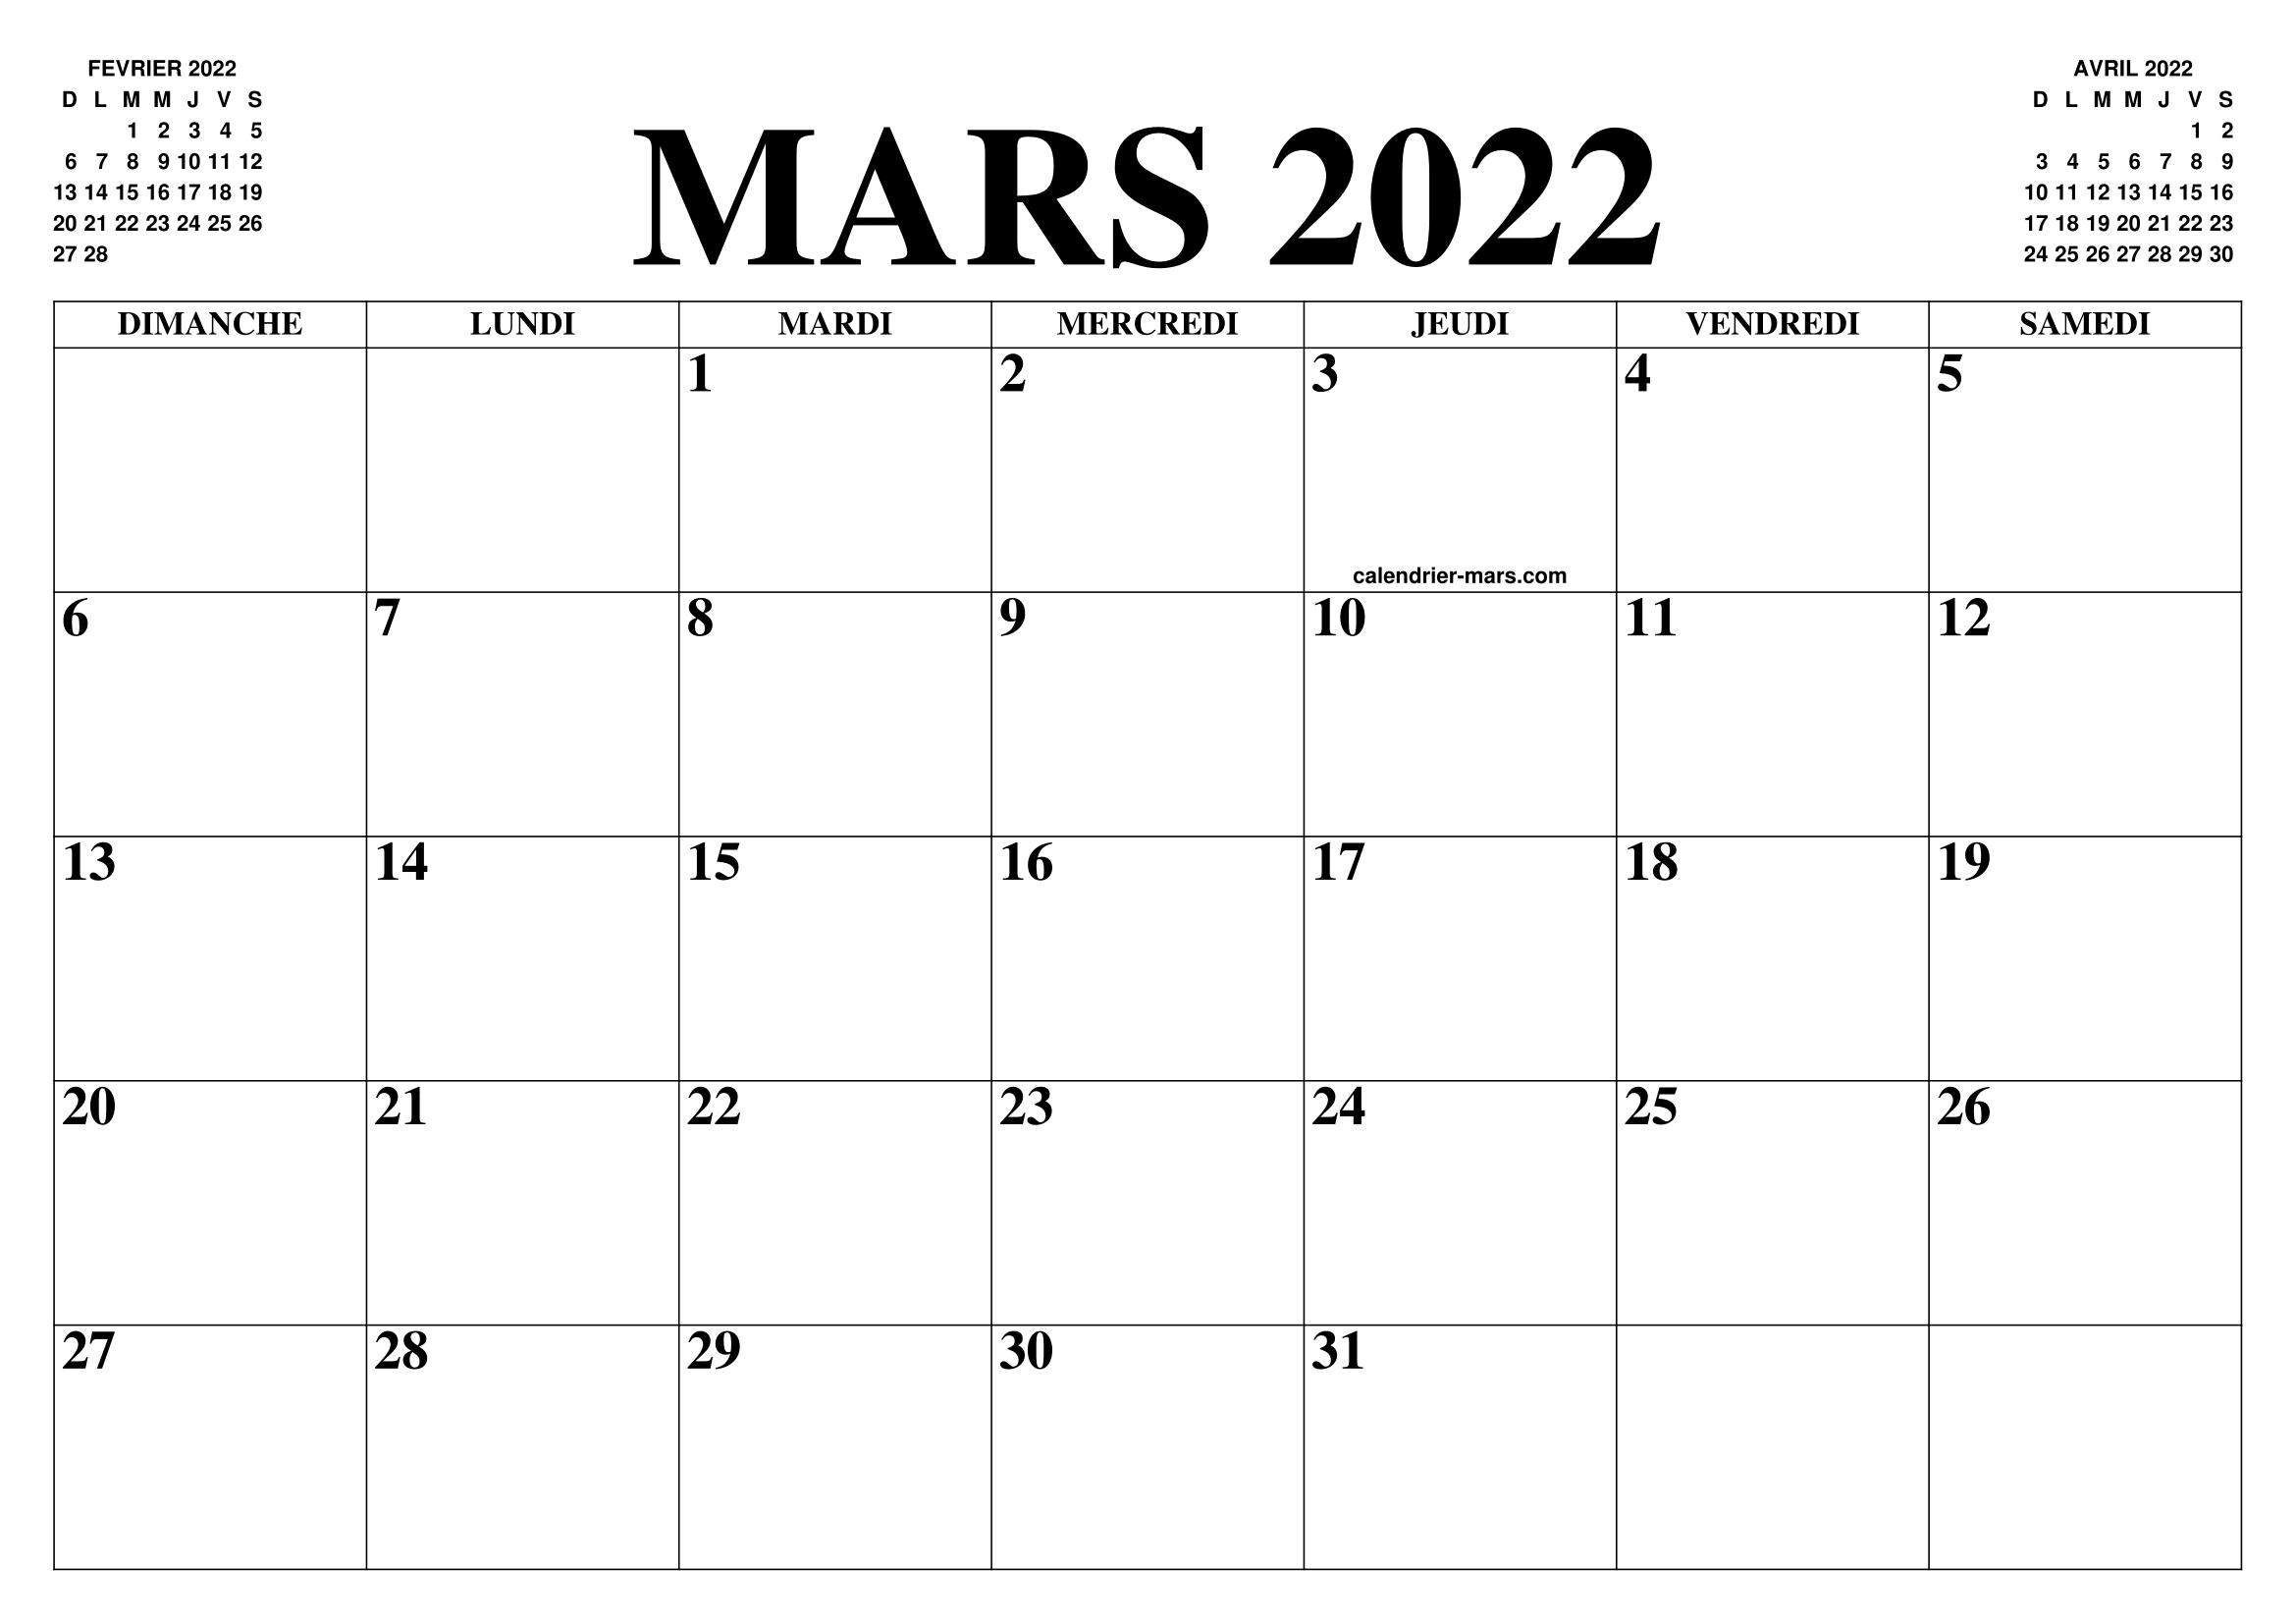 Calendrier Mois De Mars 2022 CALENDRIER MARS 2022 : LE CALENDRIER DU MOIS DE MARS GRATUIT A